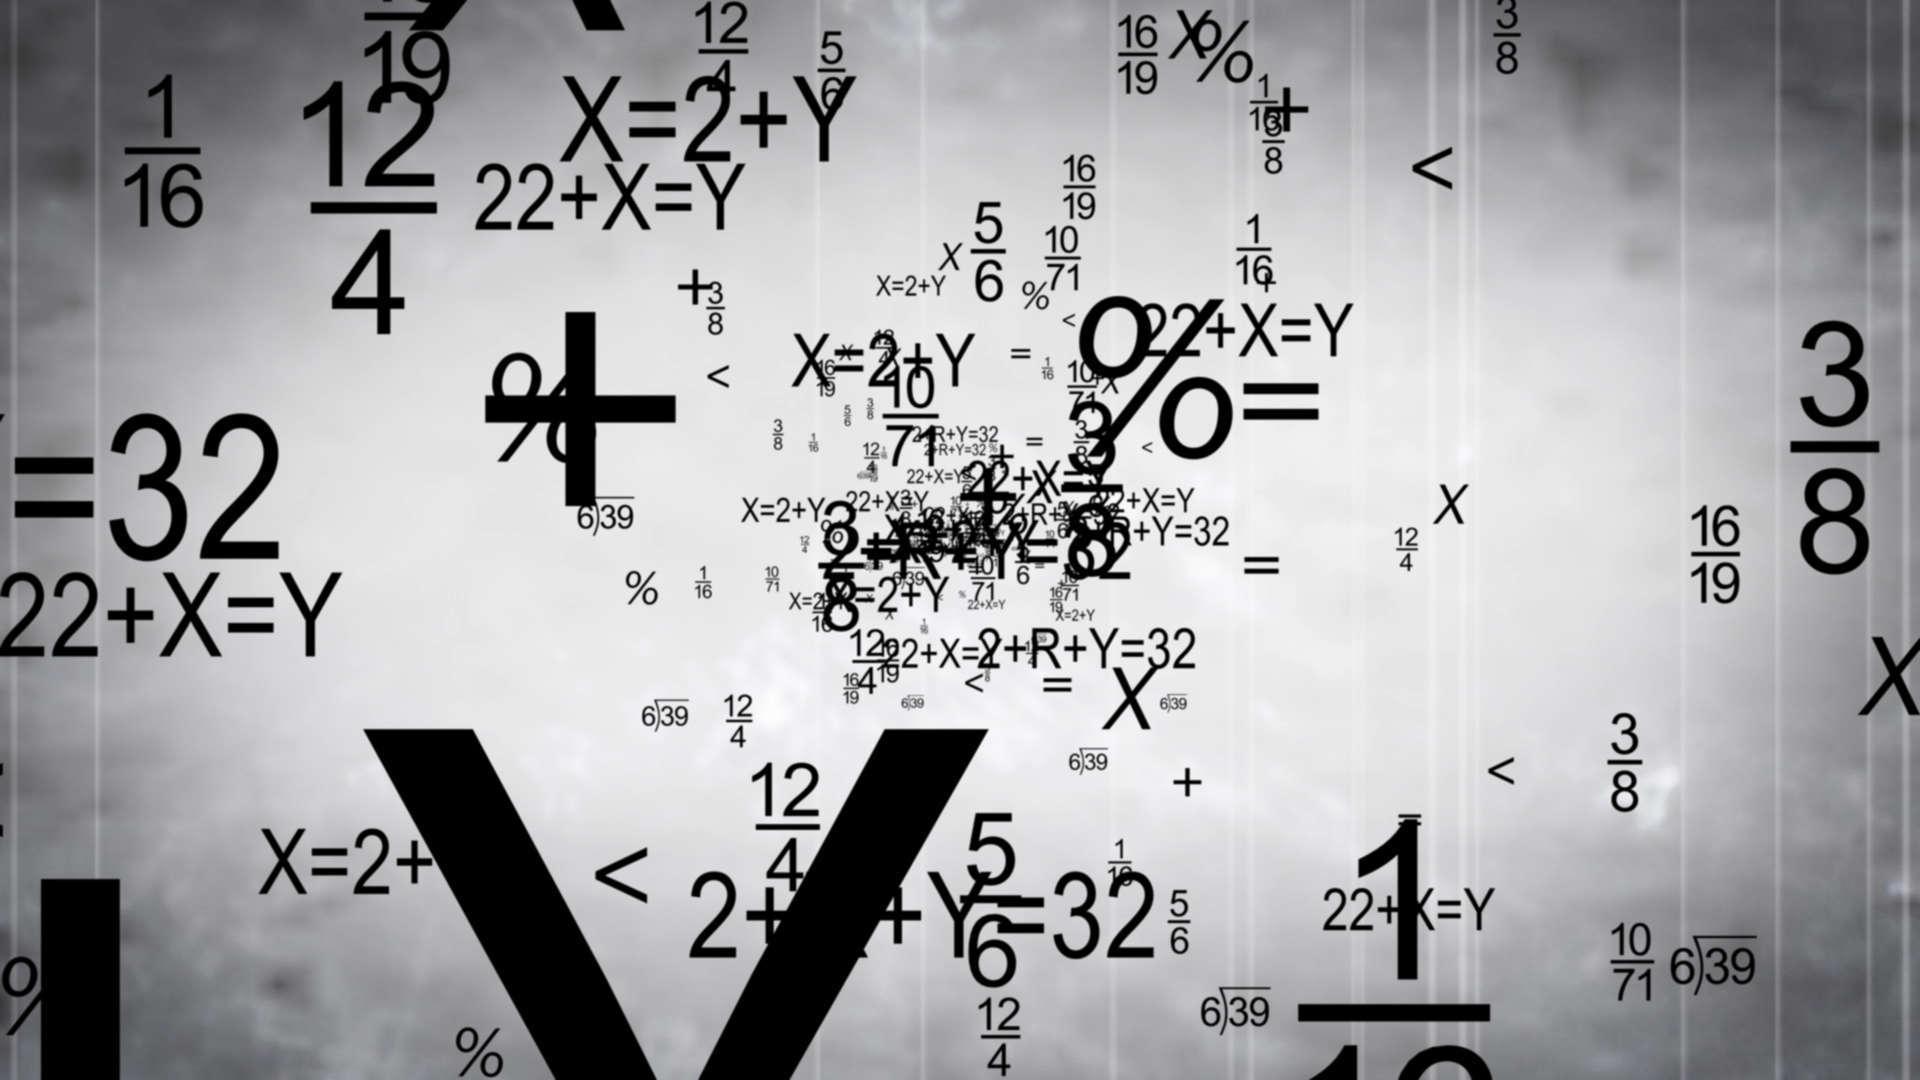 hd wallpapers maths - wallpaper cave